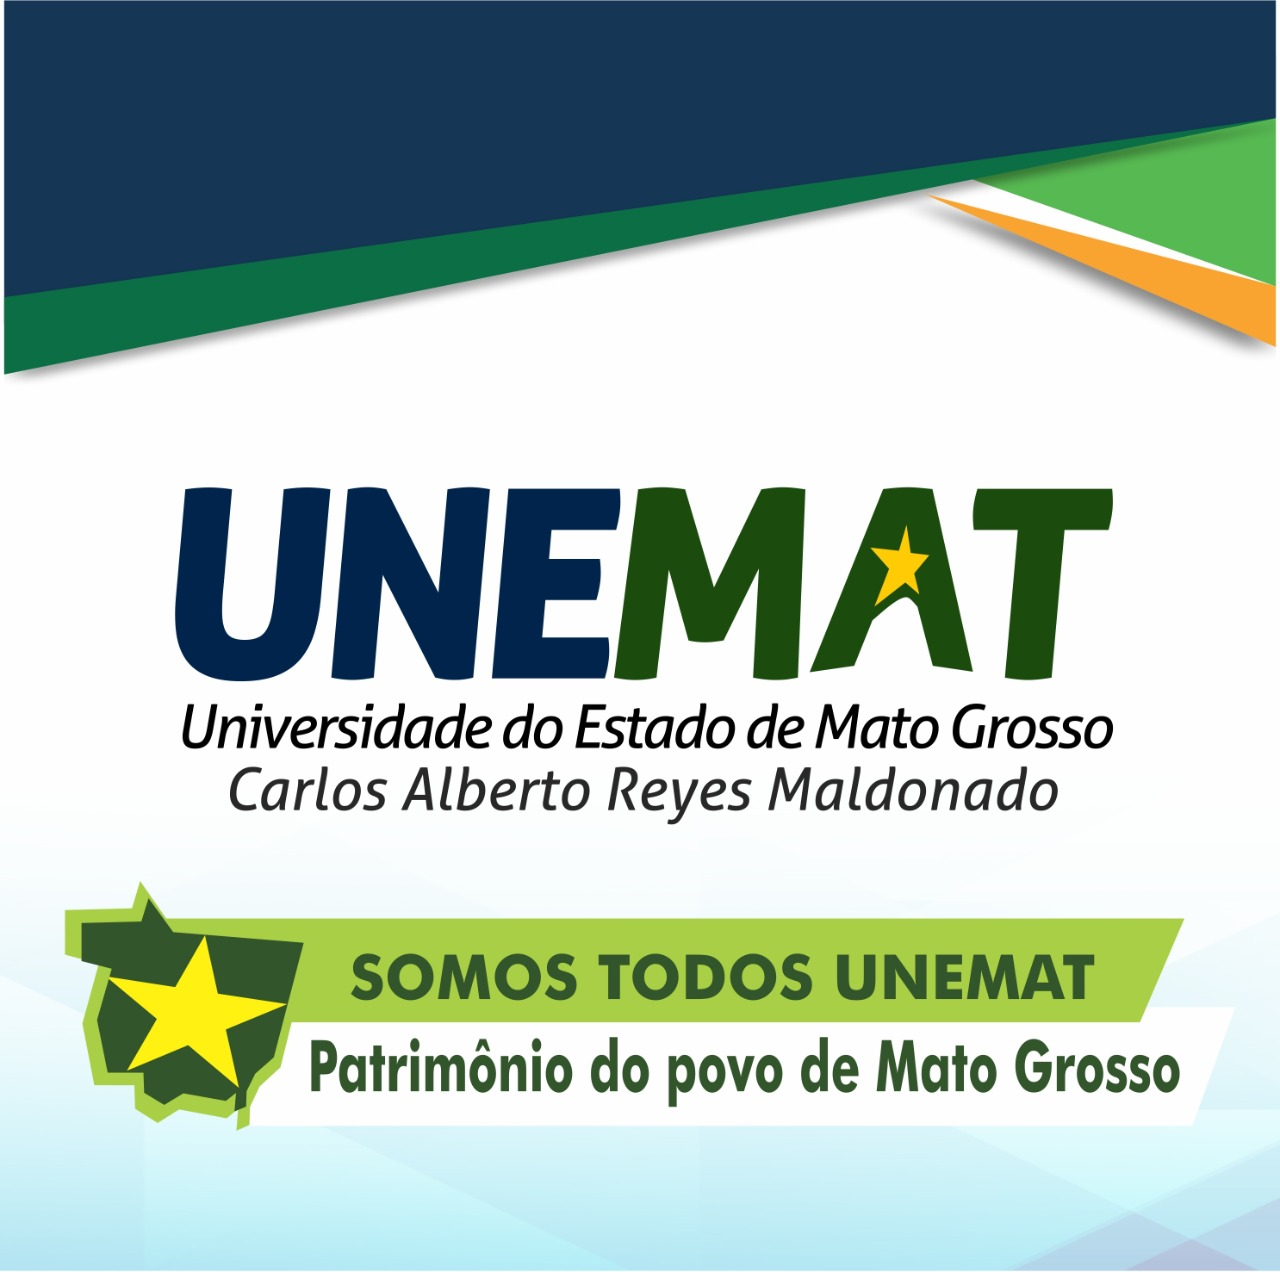 UNEMAT - PARCERIA